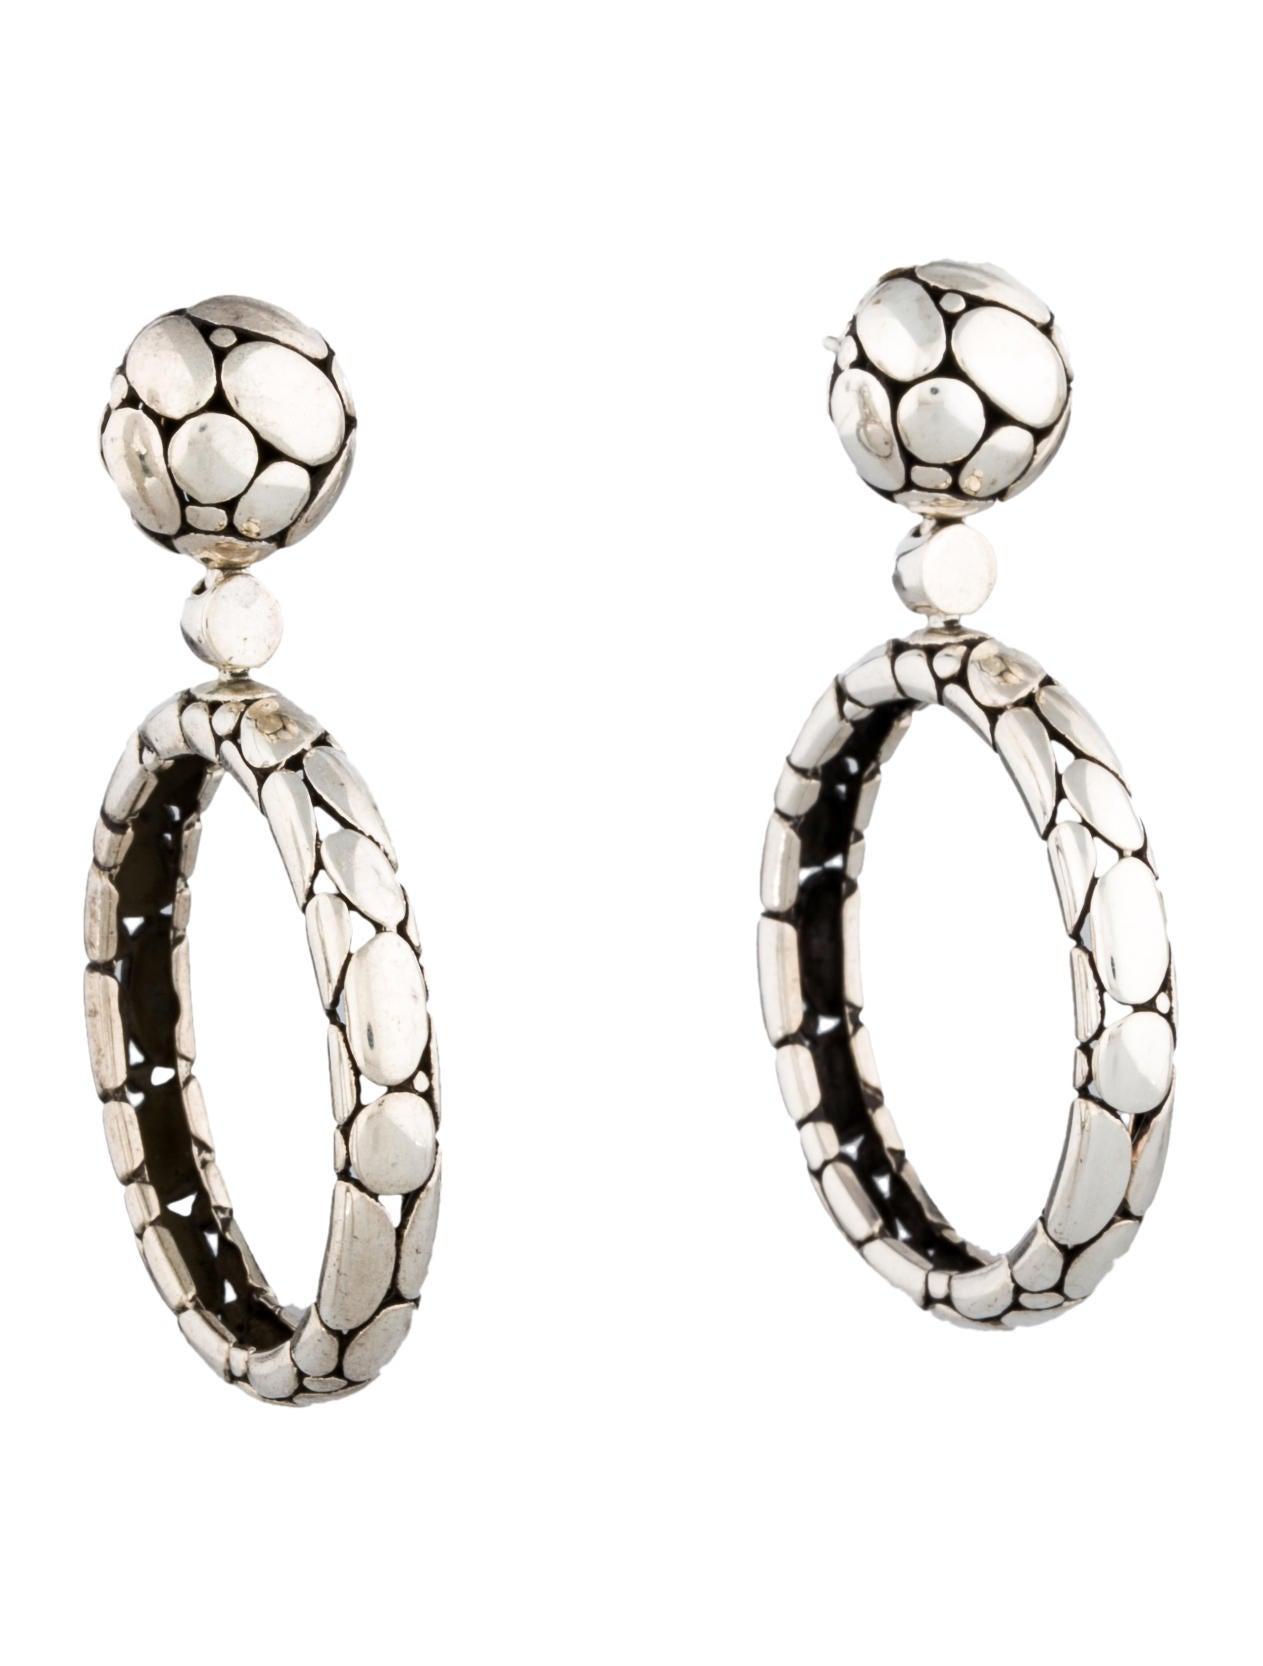 John hardy kali hoop drop earrings jewelry jha21133 for John hardy jewelry earrings